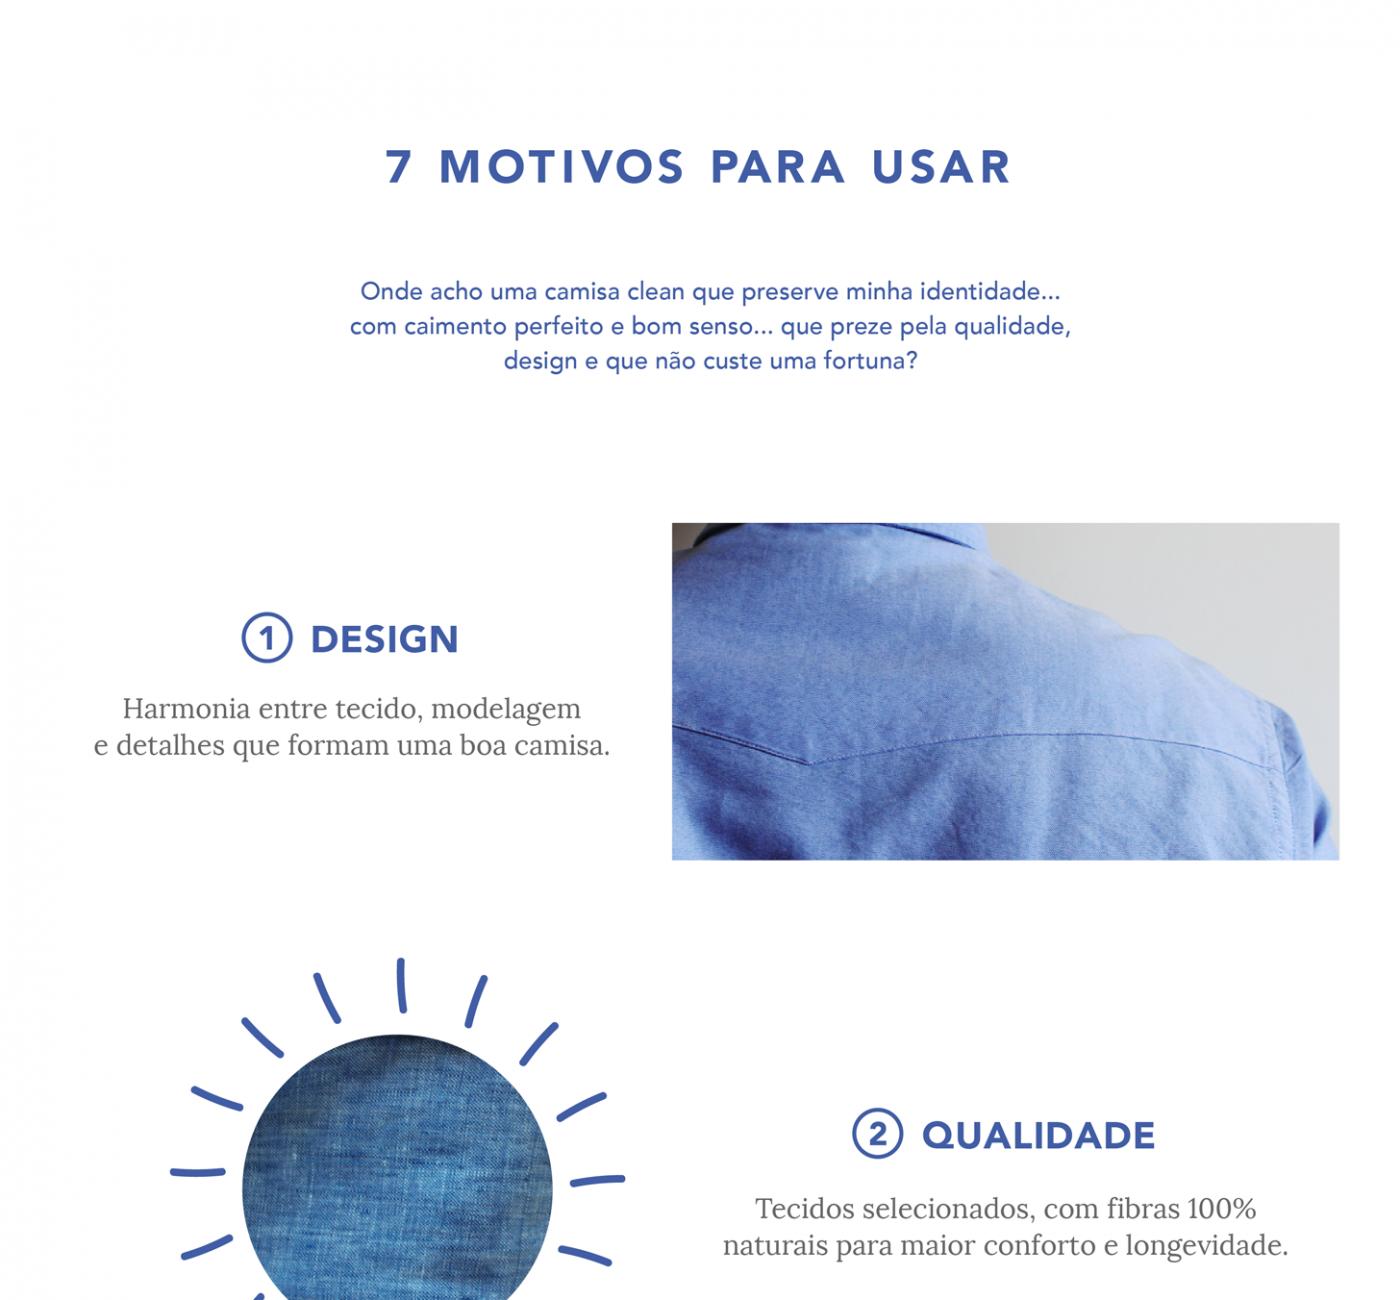 7 motivos para usar